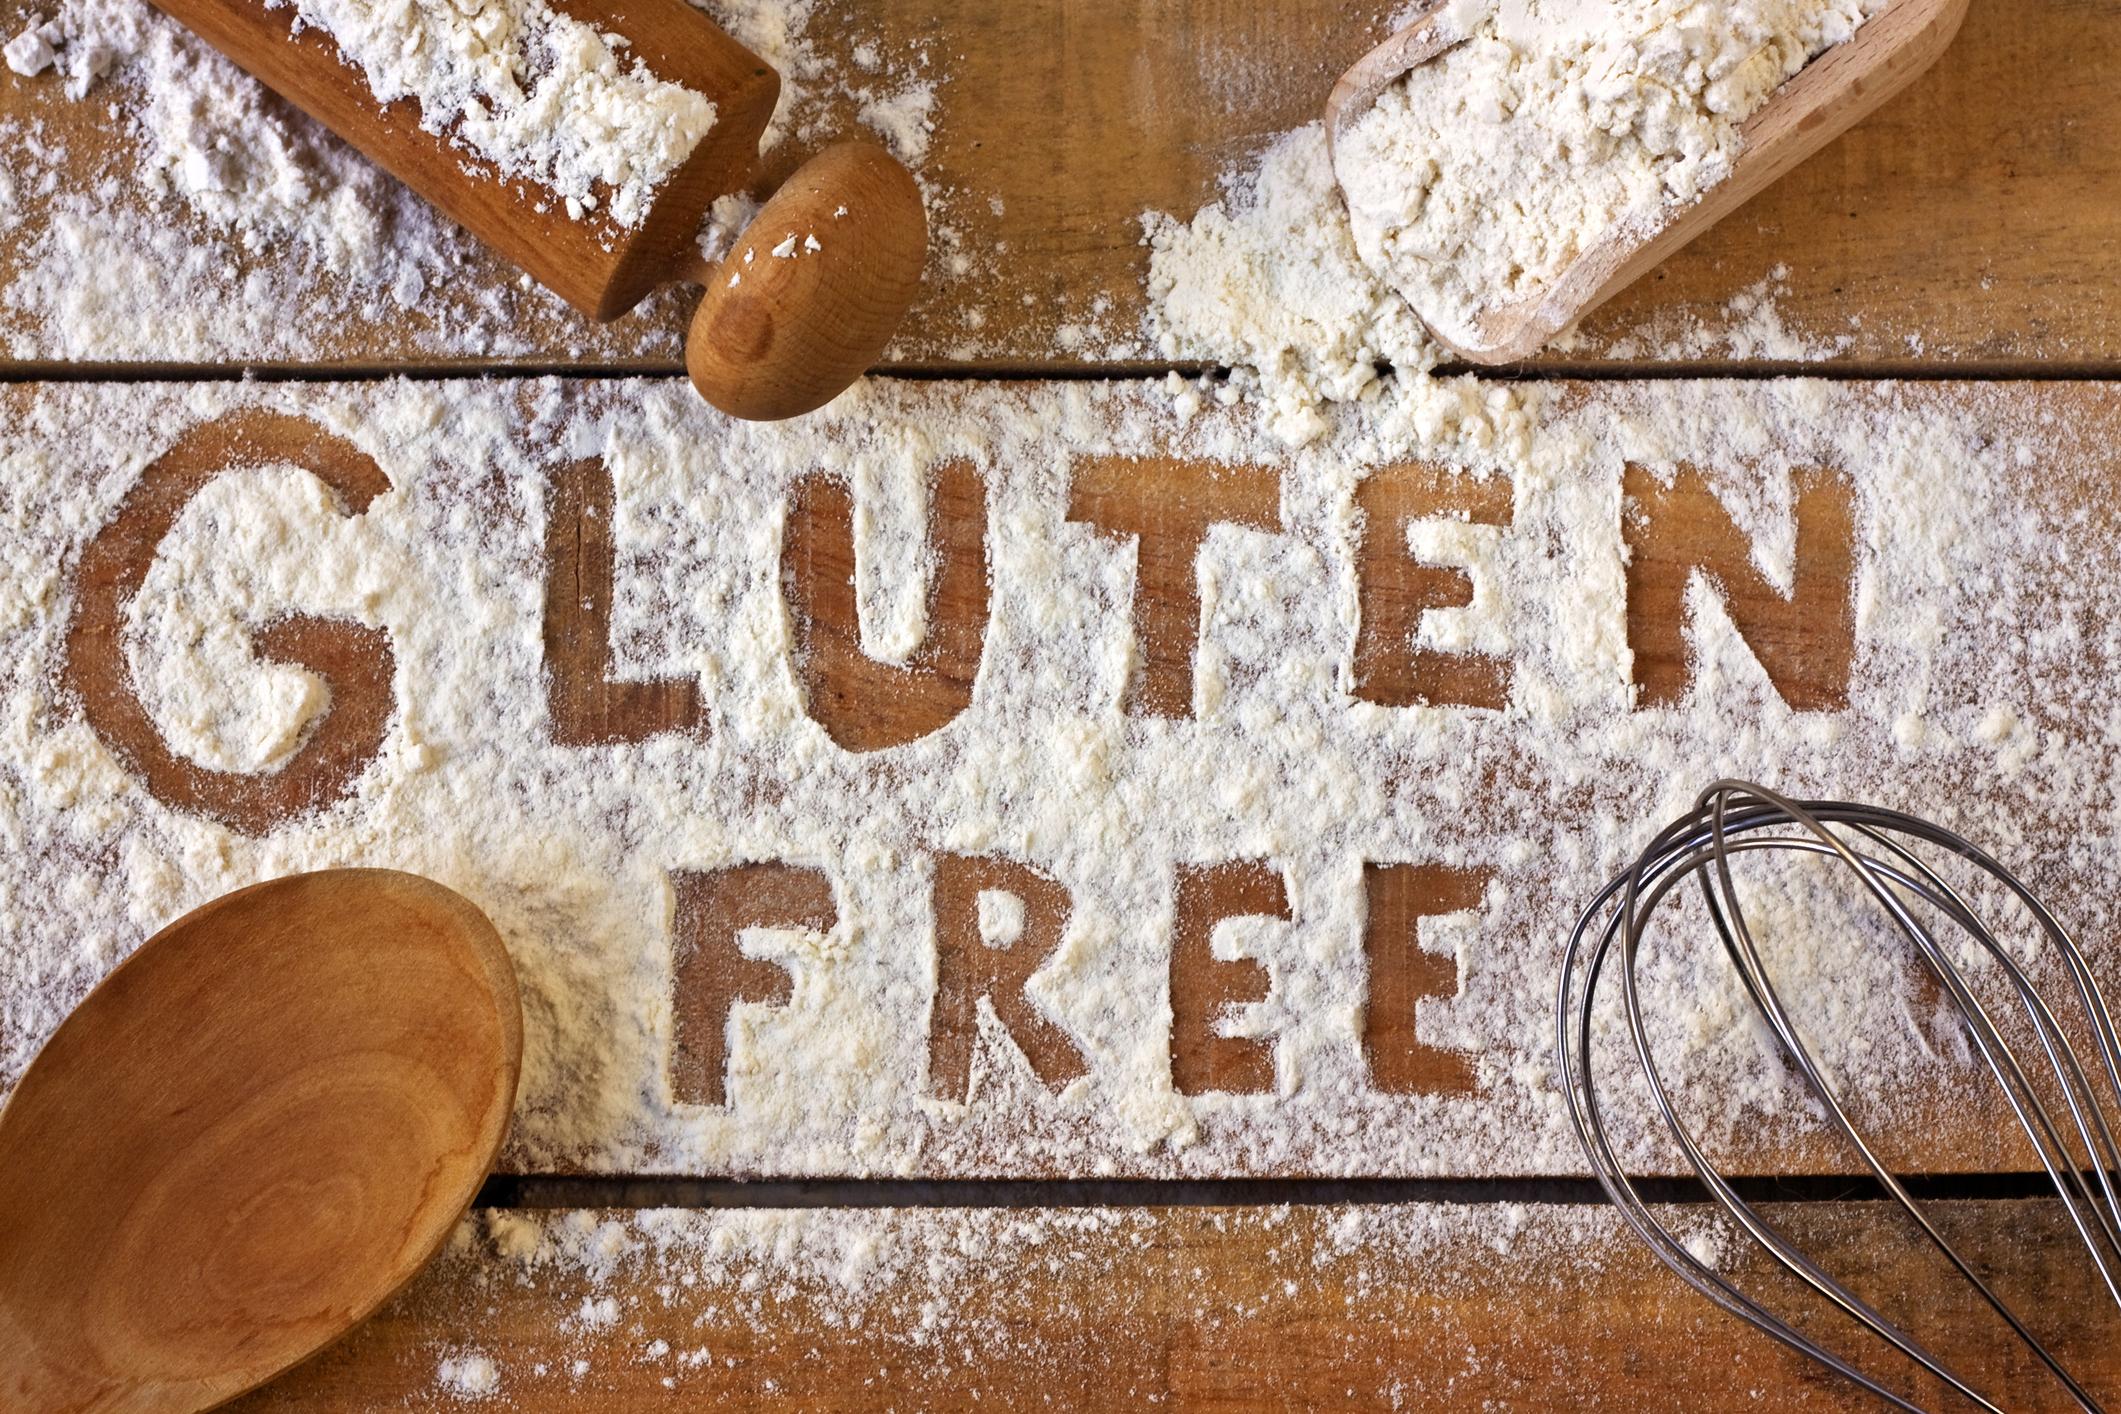 Pečieme bez lepku – objavte skutočnú chuť zdravých potravín